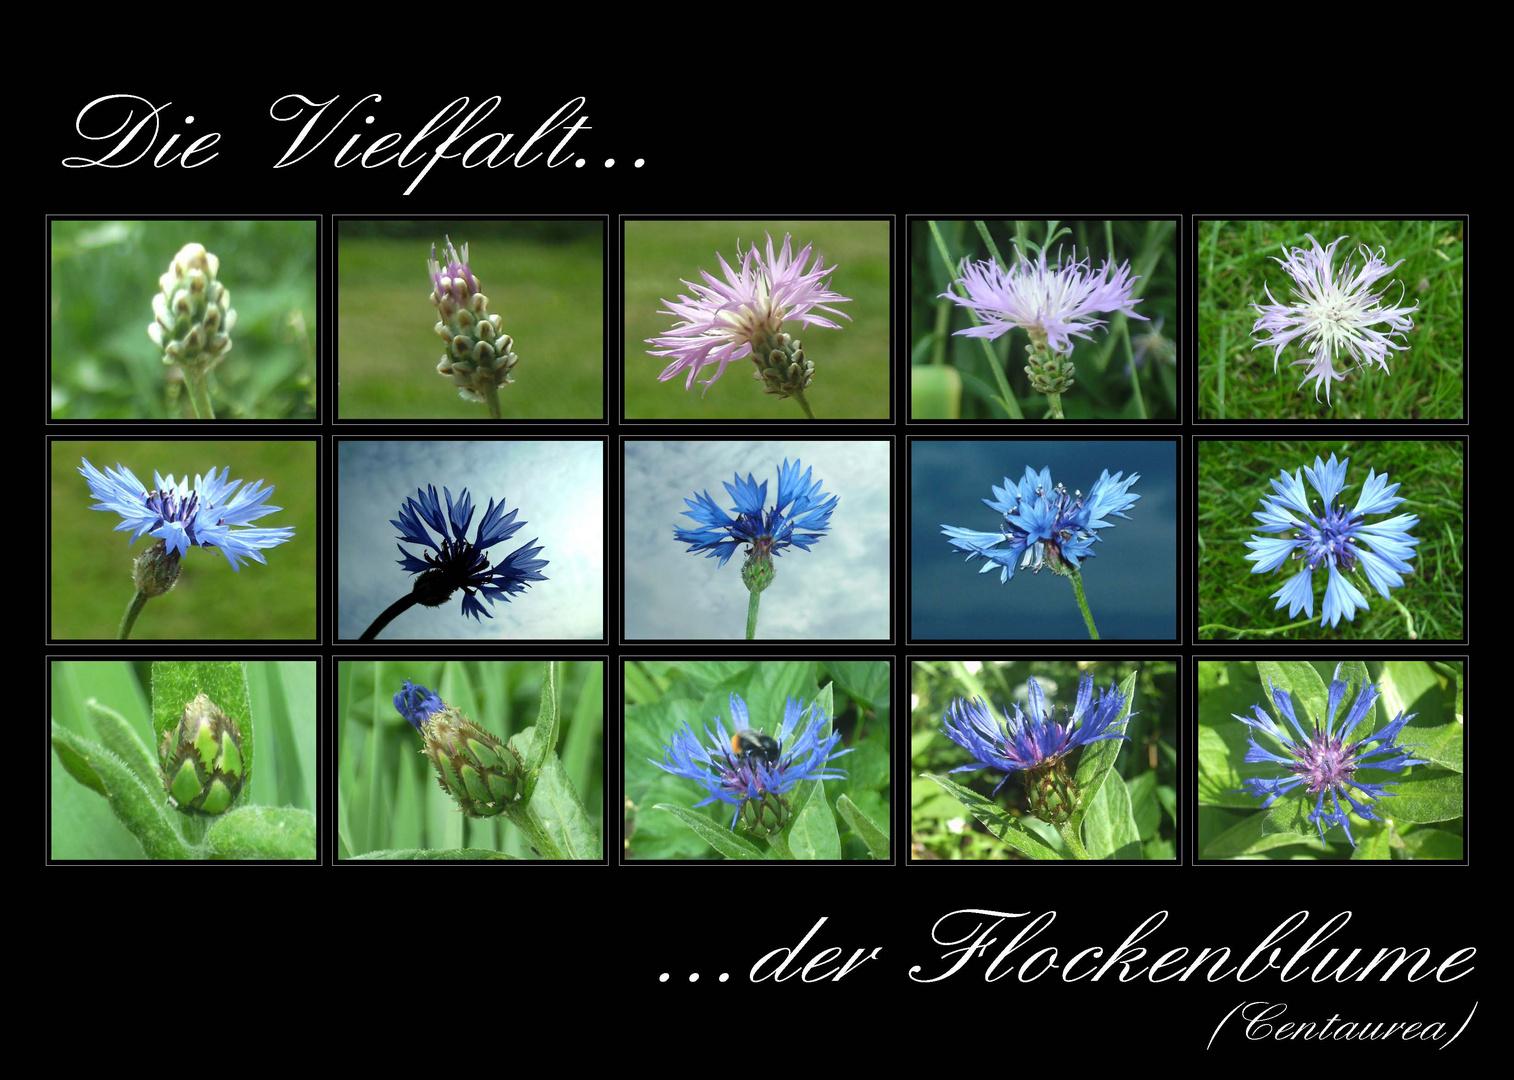 ...Die Vielfalt der Flockenblume...